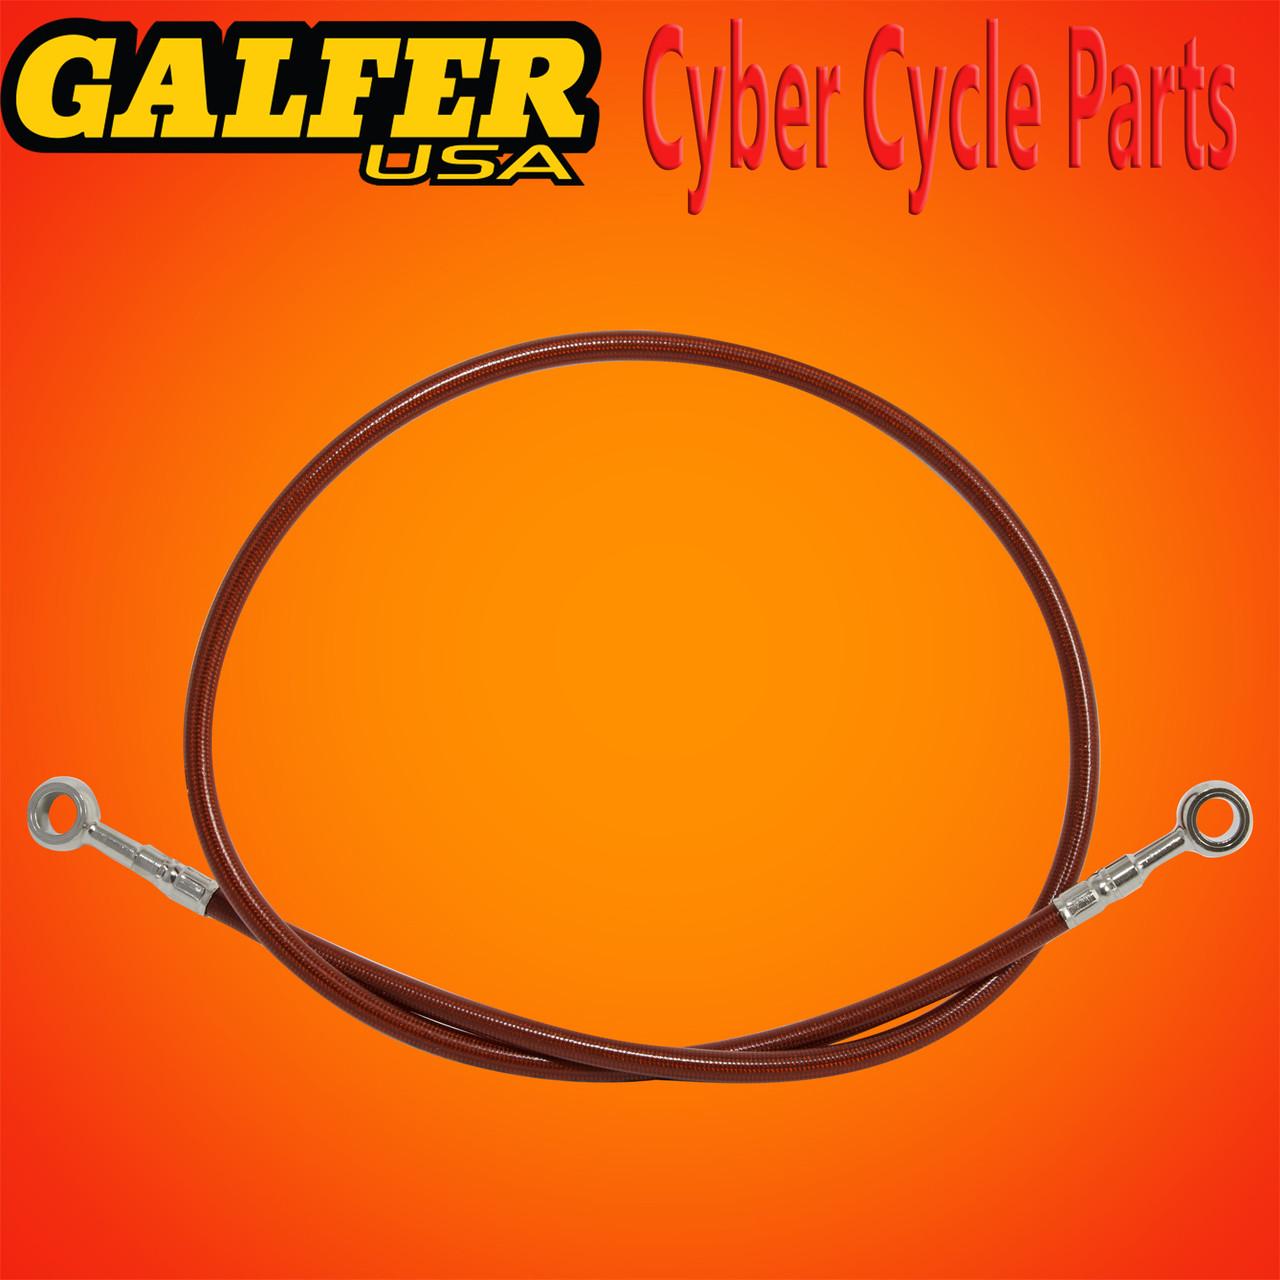 Galfer 36 inch Red rear extended brake line